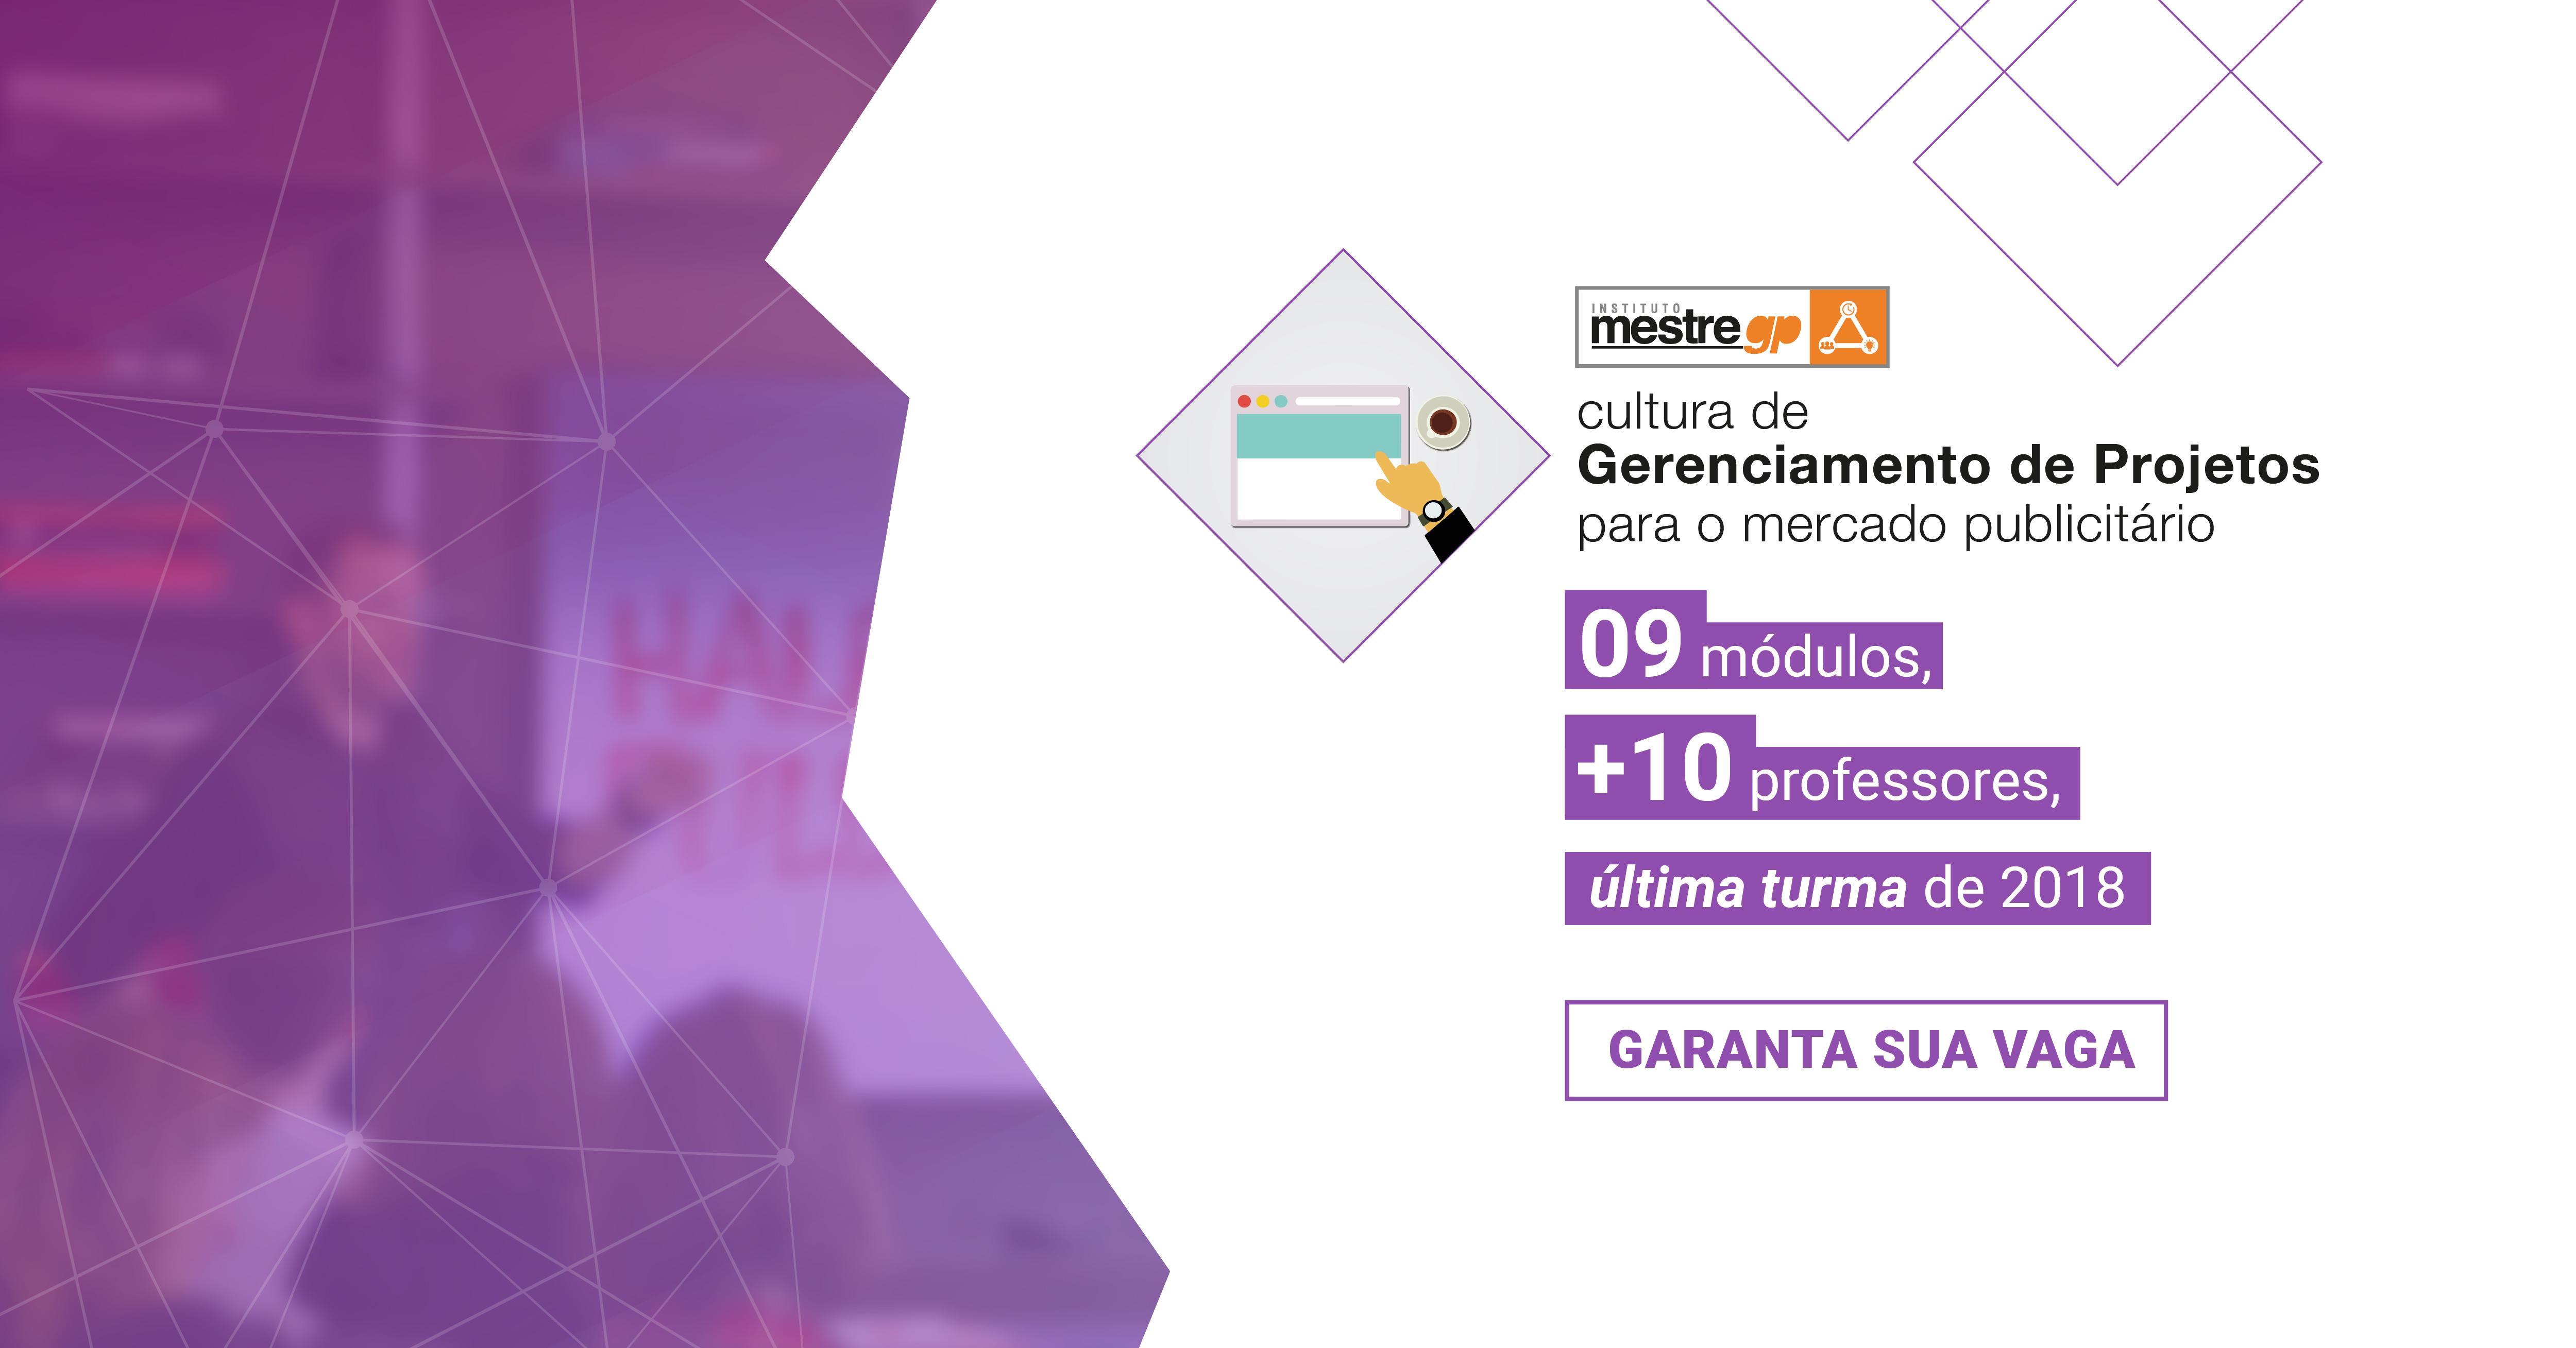 mgp_cultura_anuncio_face-02